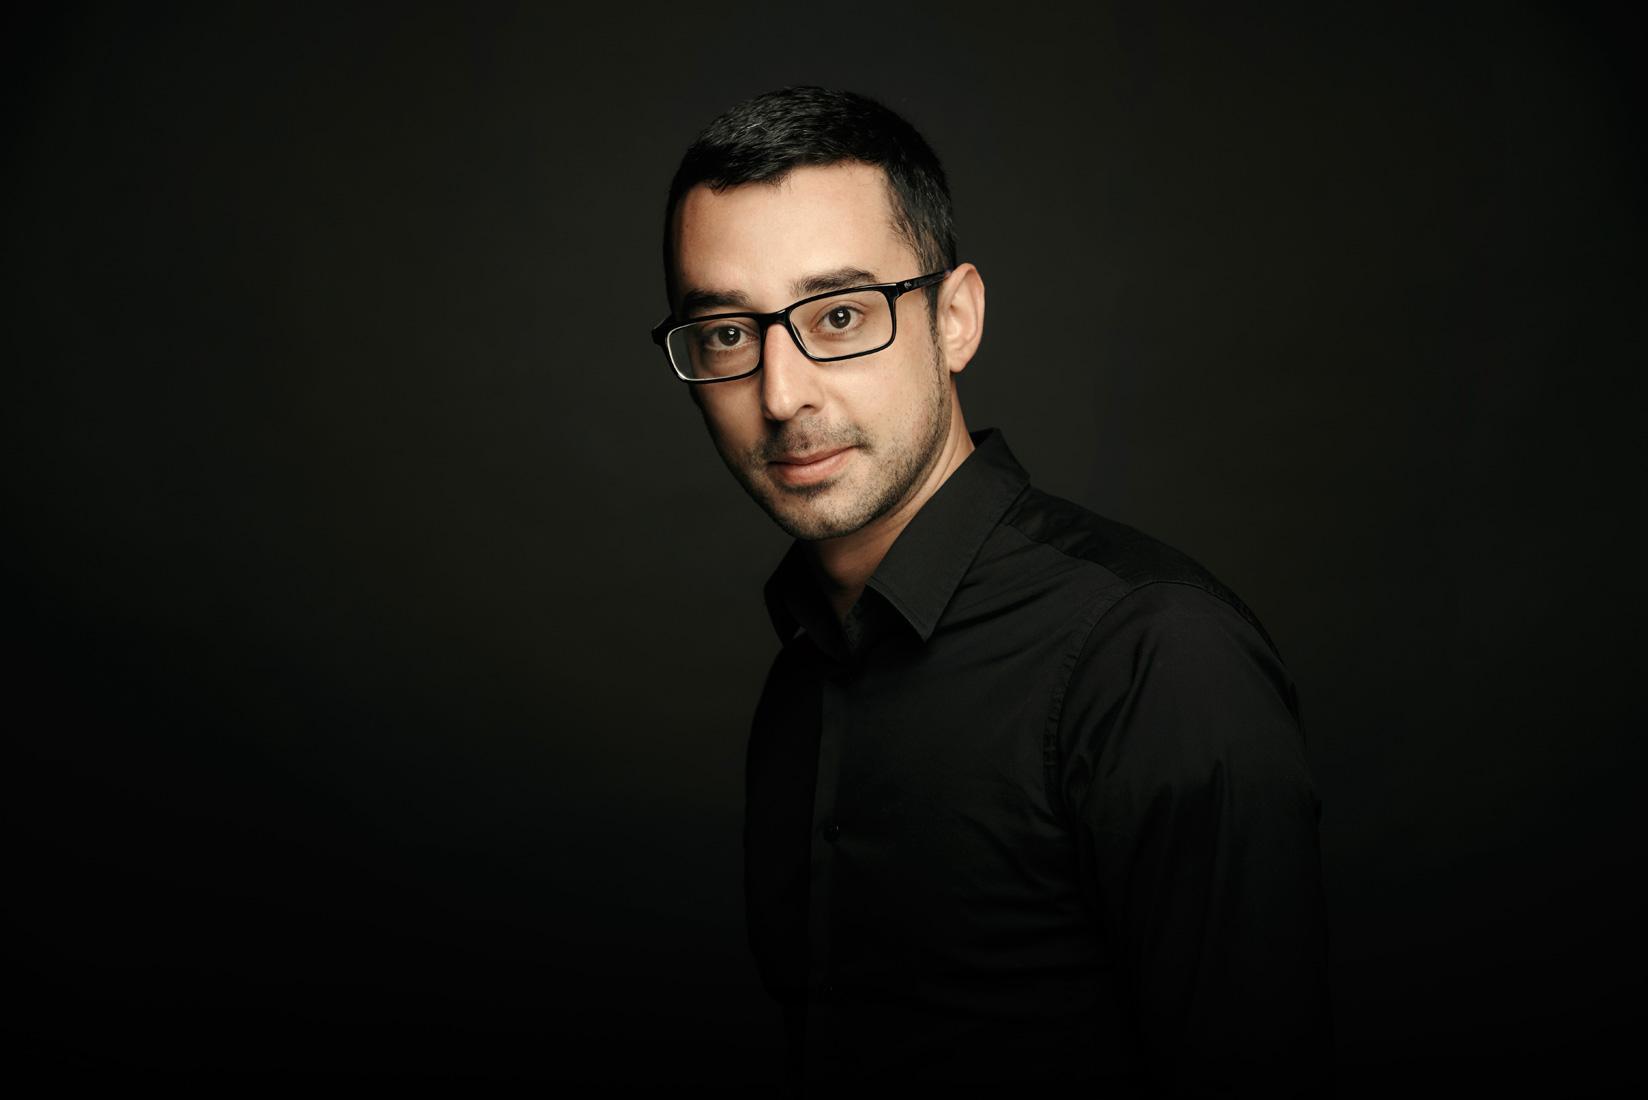 Jordi Berbegal